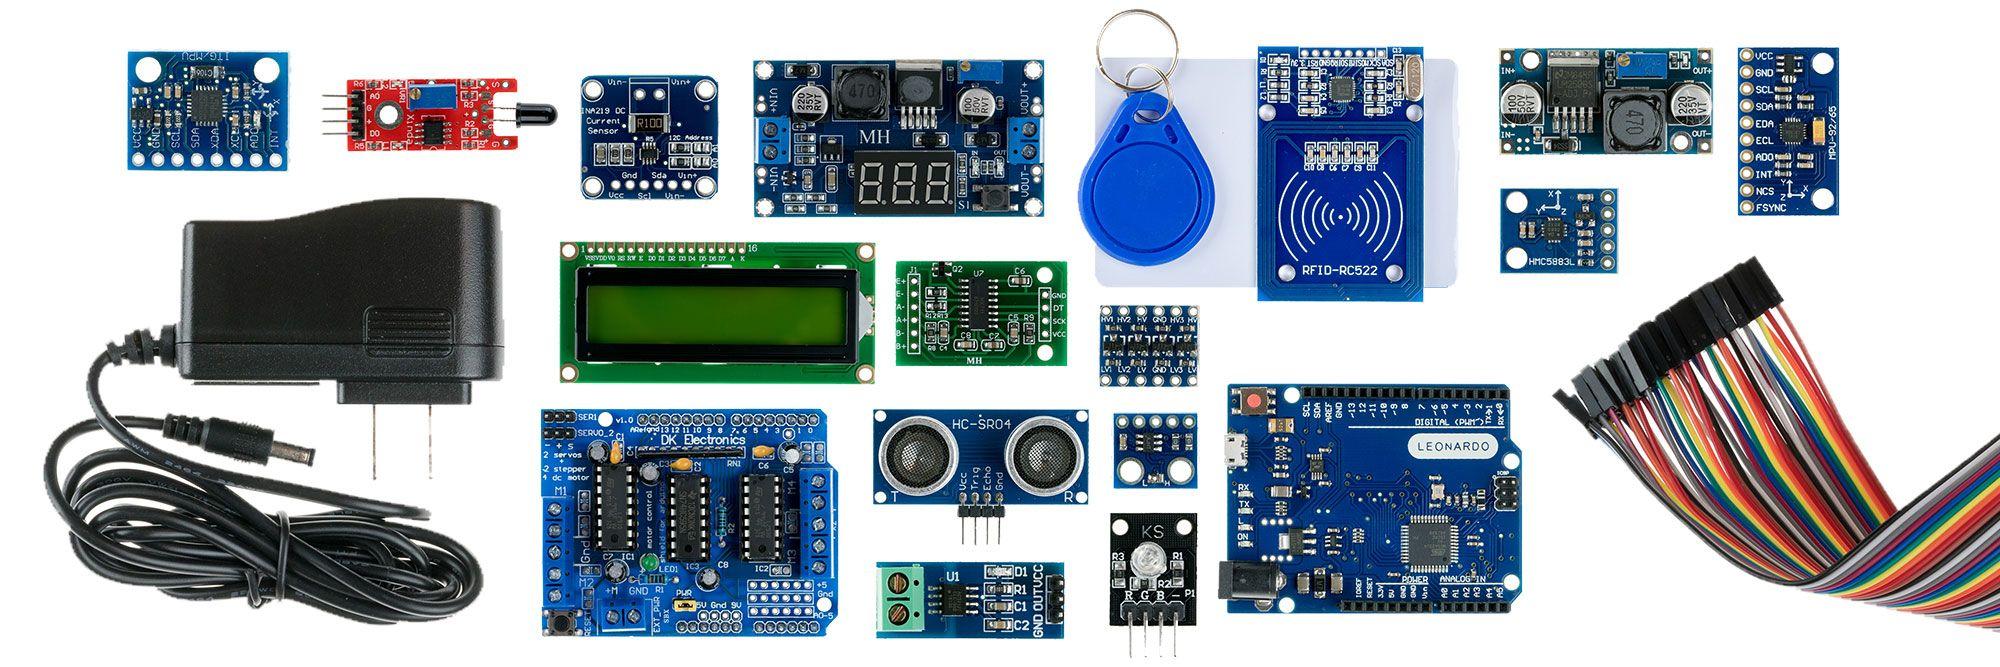 Tienda de electrónica Tienda de electronica y Arduino